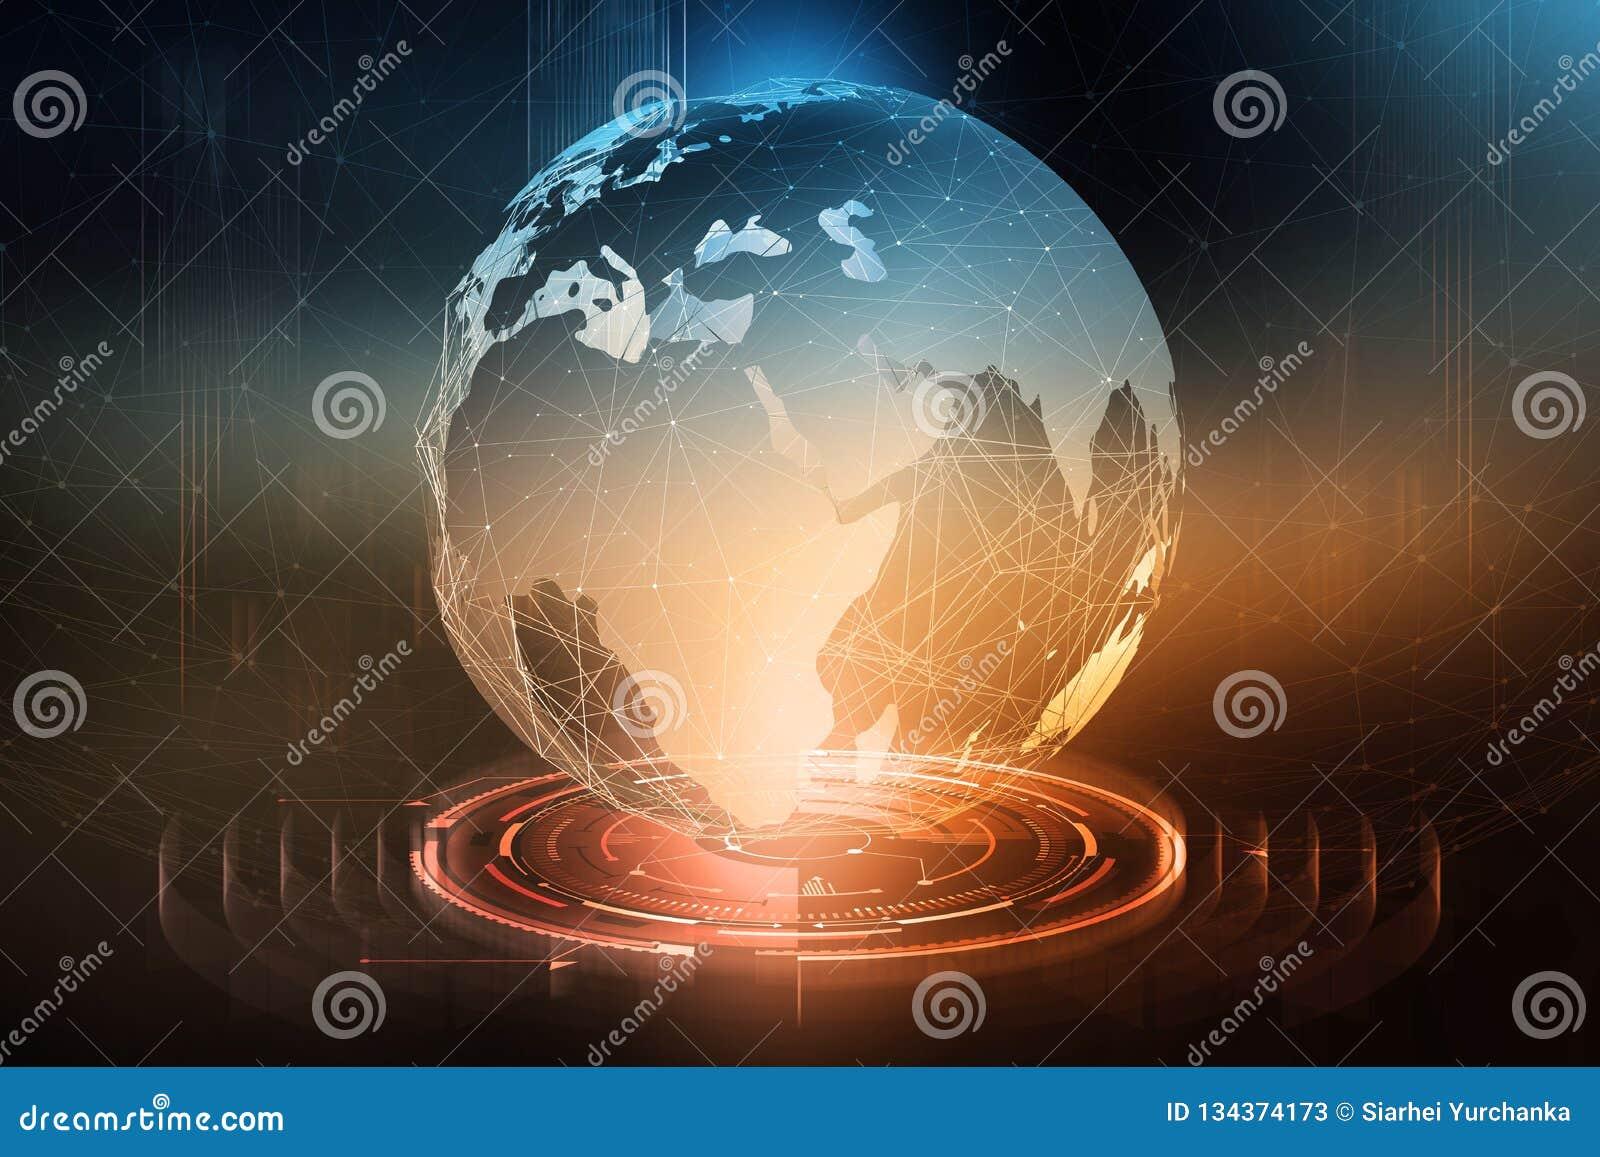 D échange de données global Formation d un réseau de transmission planétaire Affaires dans le domaine des technologies numériques